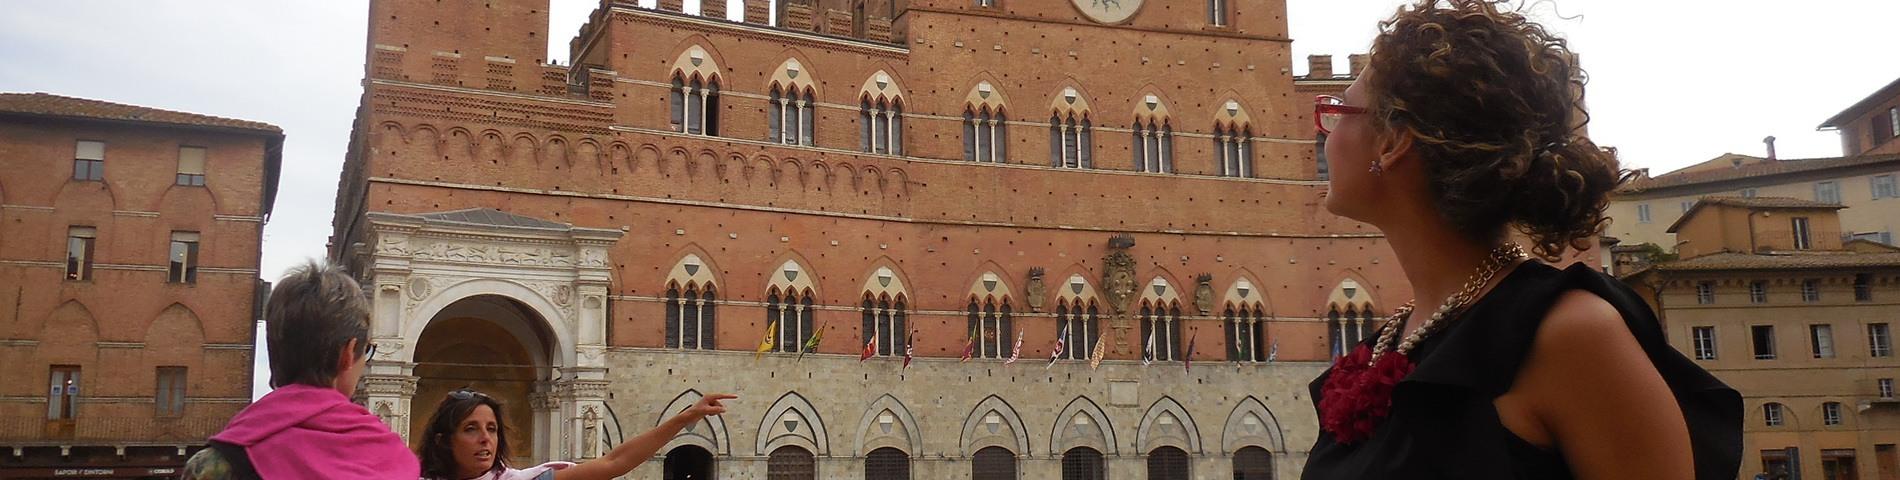 Scuola Leonardo da Vinci kuva 1